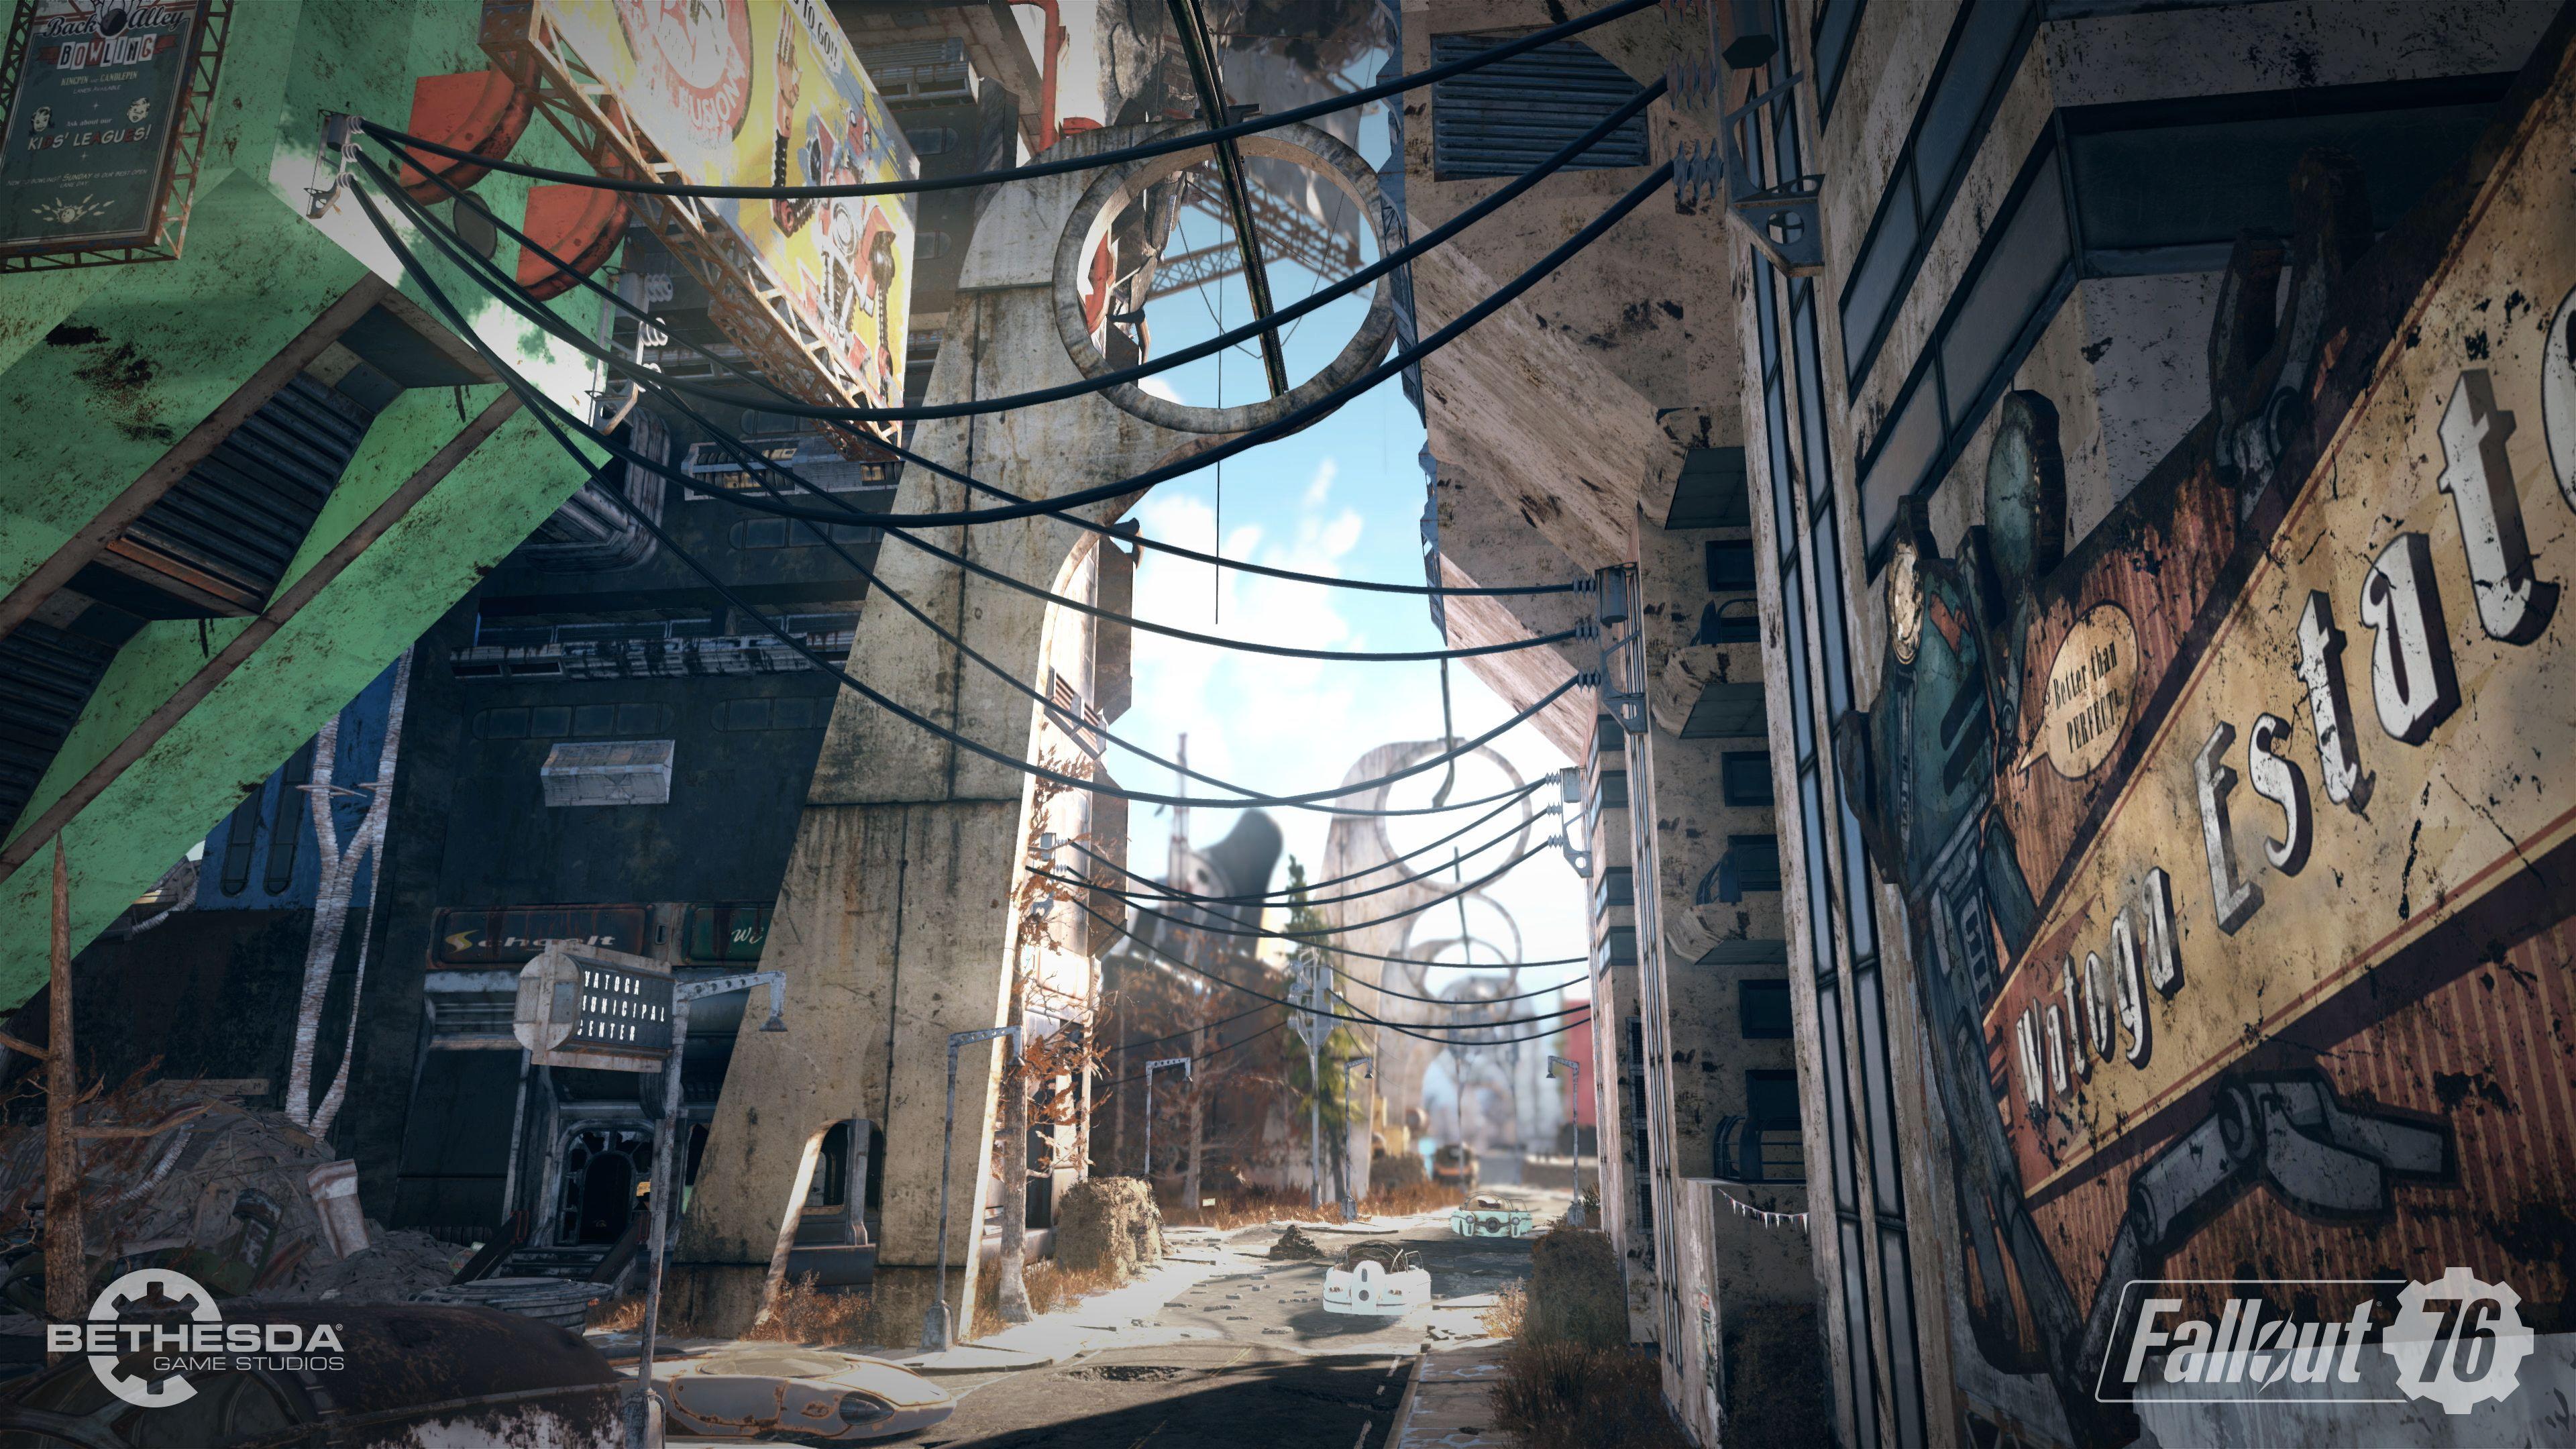 Fallout 76 4k Screenshots Fallout Brotherhood Of Steel Fallout Fallout New Vegas